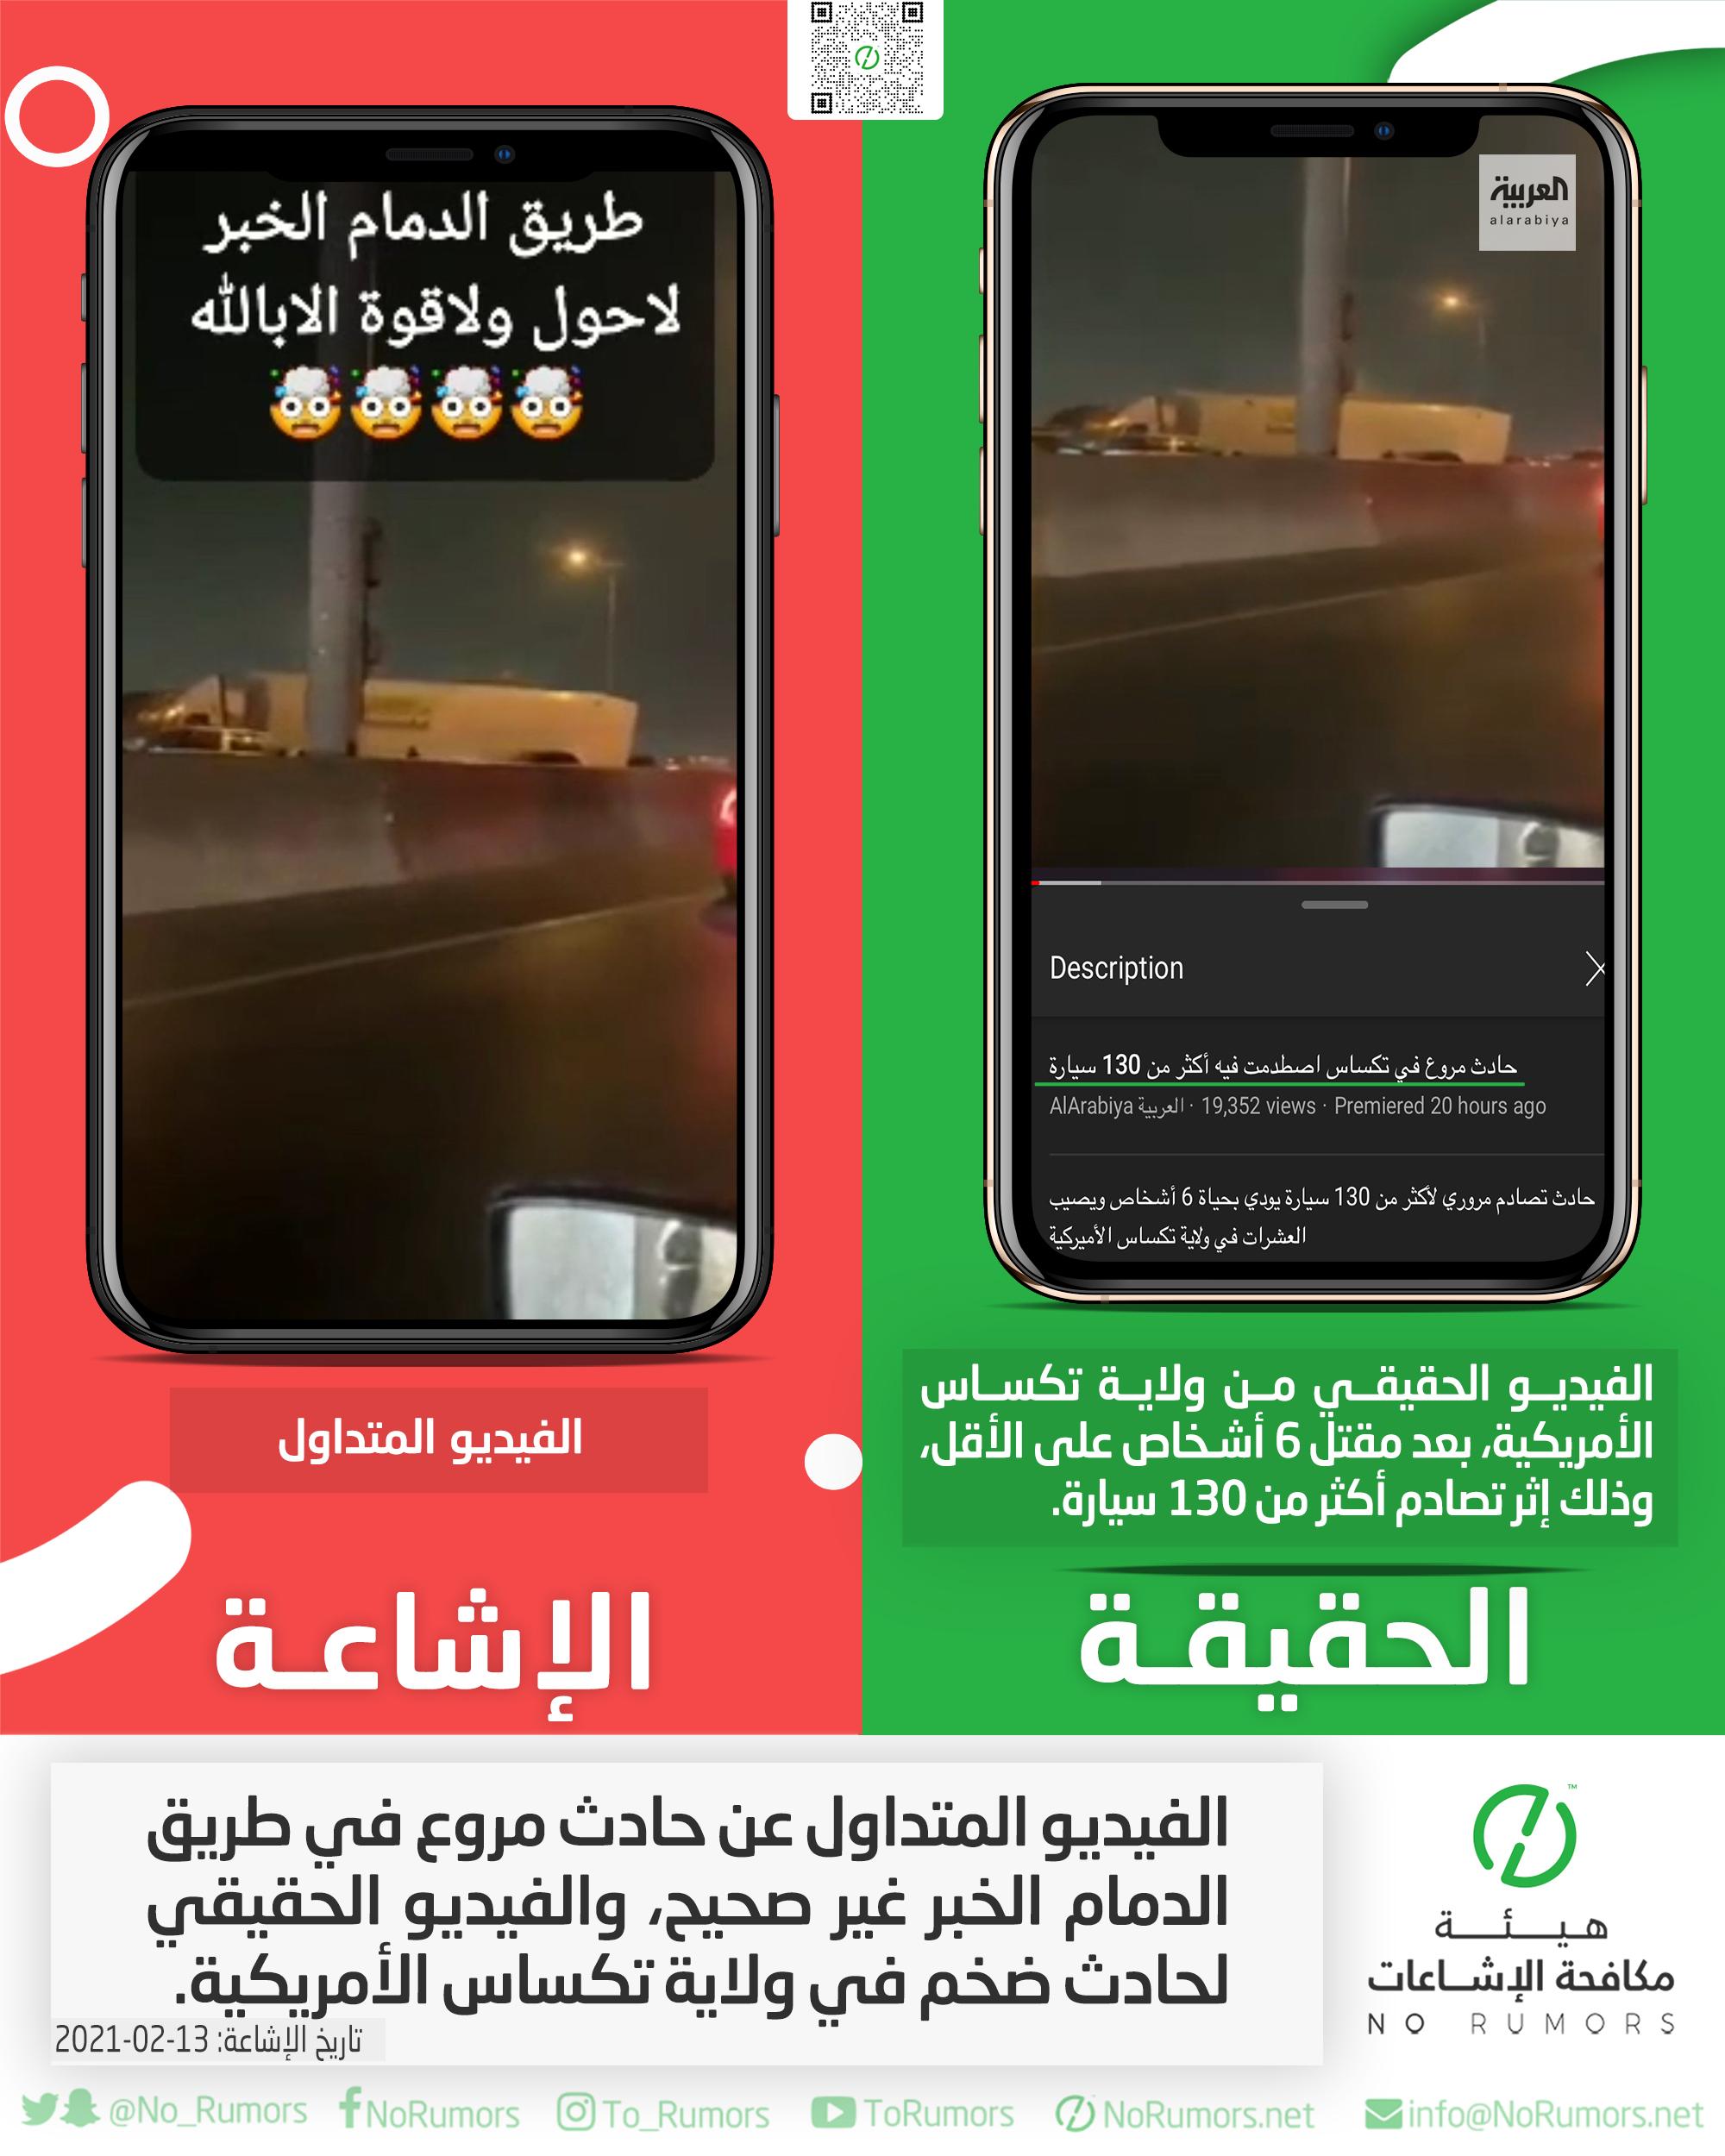 حقيقة الفيديو المتداول عن حادث مروع في طريق الدمام الخبر